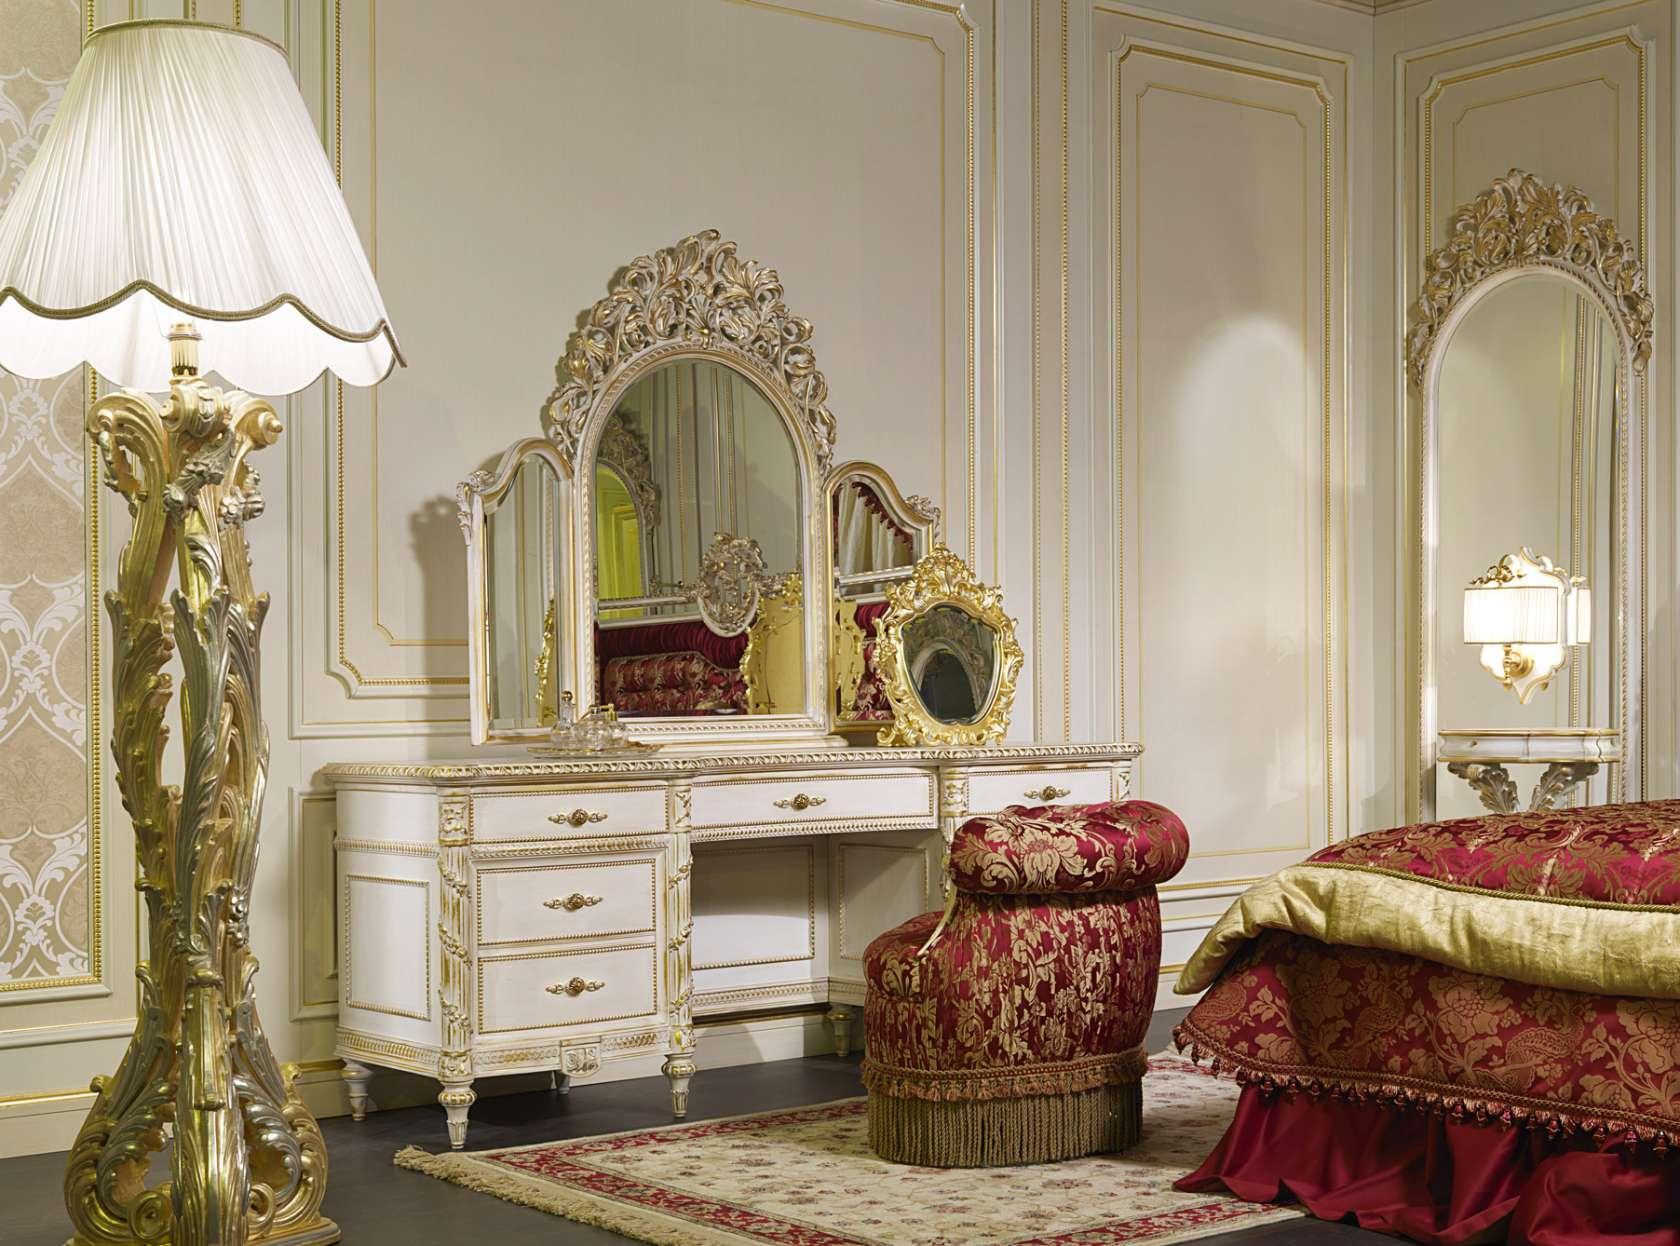 Toilette Camera Da Letto Di Lusso Vimercati Classic Furniture